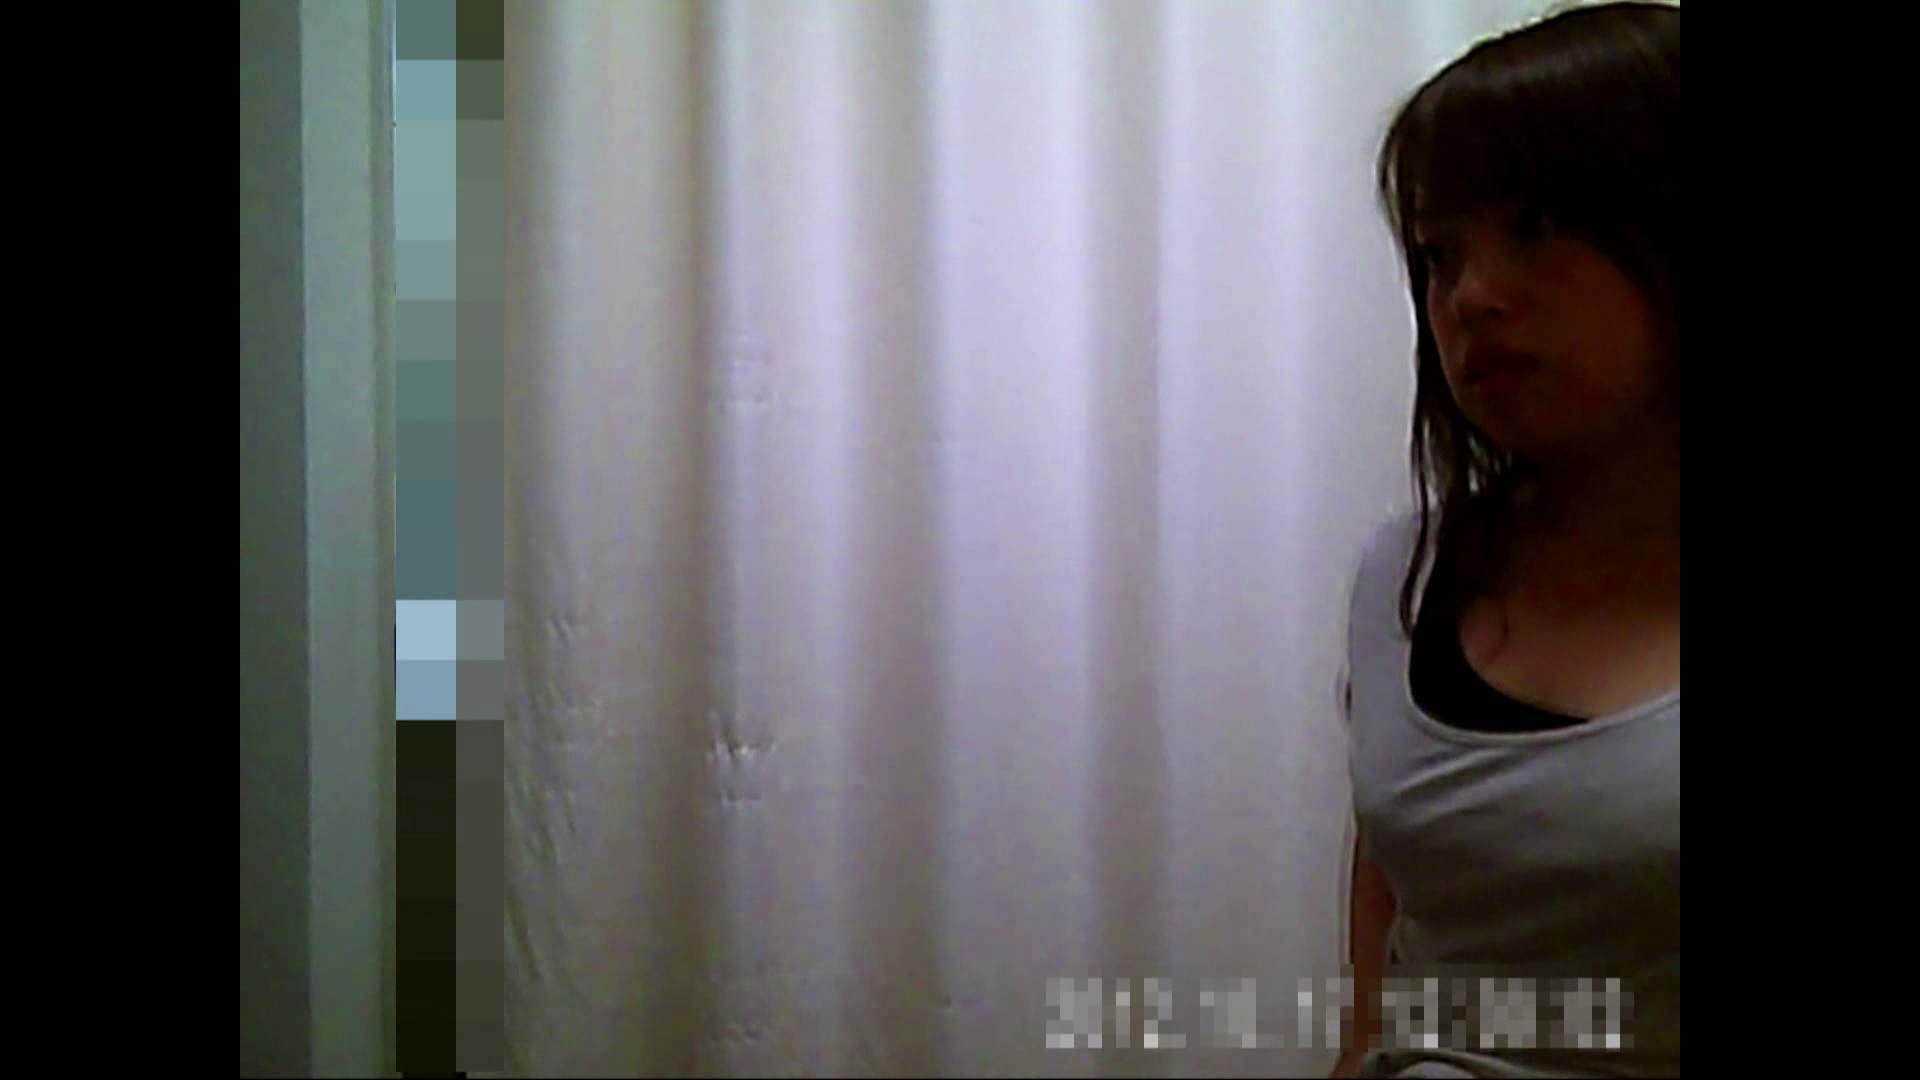 元医者による反抗 更衣室地獄絵巻 vol.055 エッチなお姉さん オメコ無修正動画無料 56画像 41